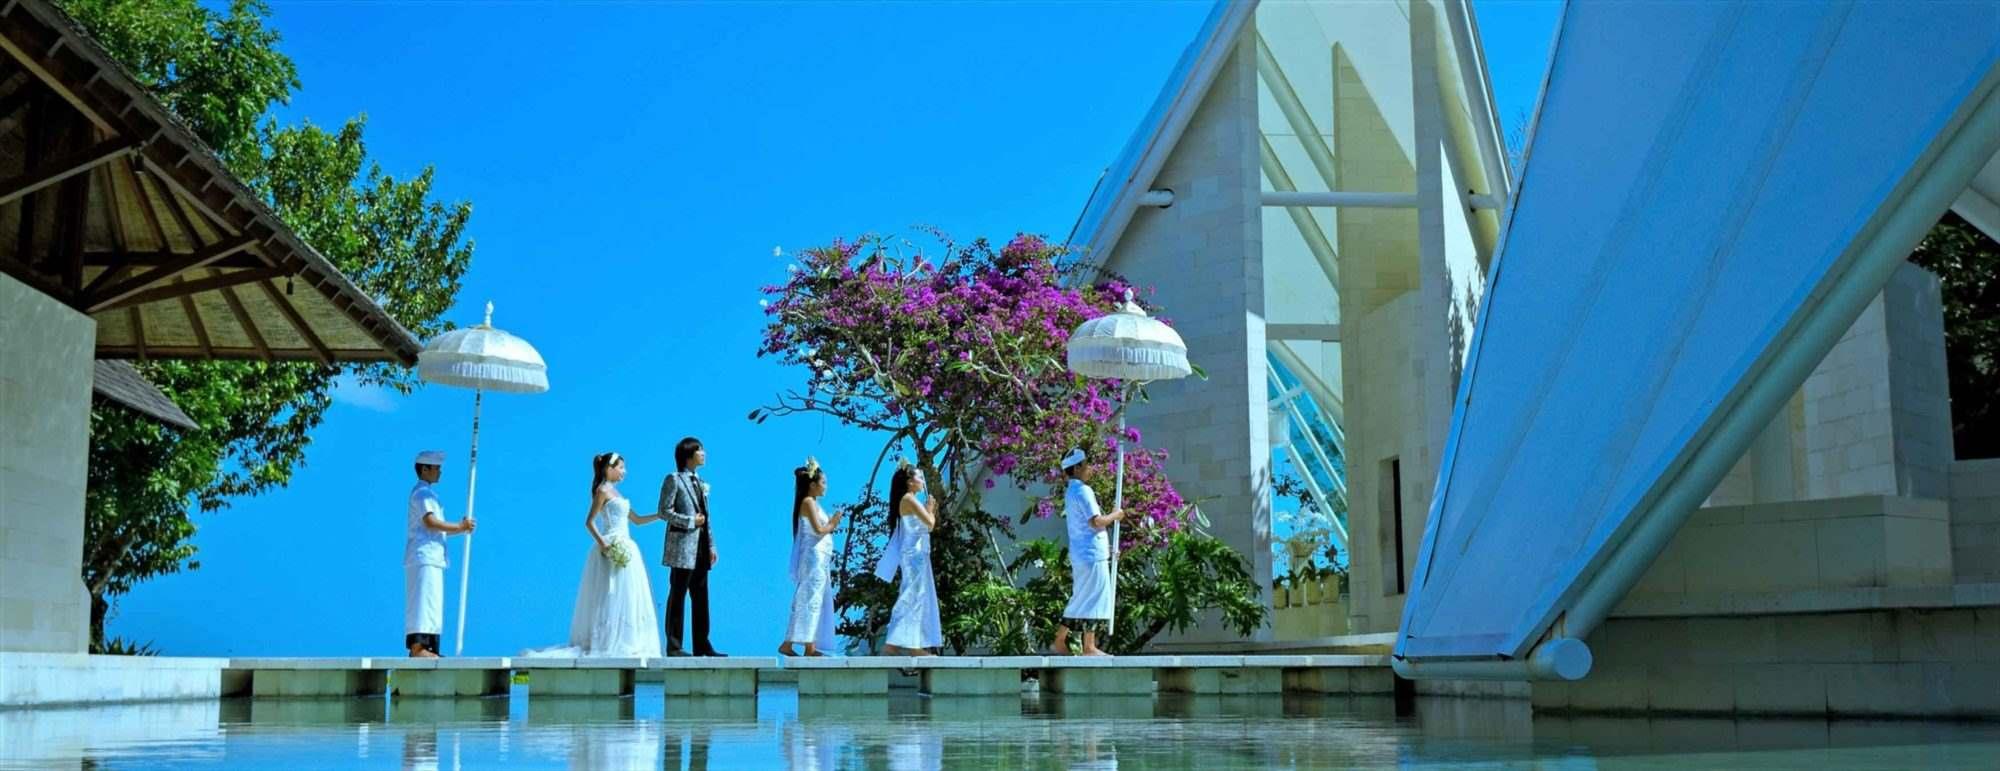 バリ島チャペル・ウェディング Tirtha Uluwatu Chapel Wedding ティルタ・ウルウツ・チャペル挙式